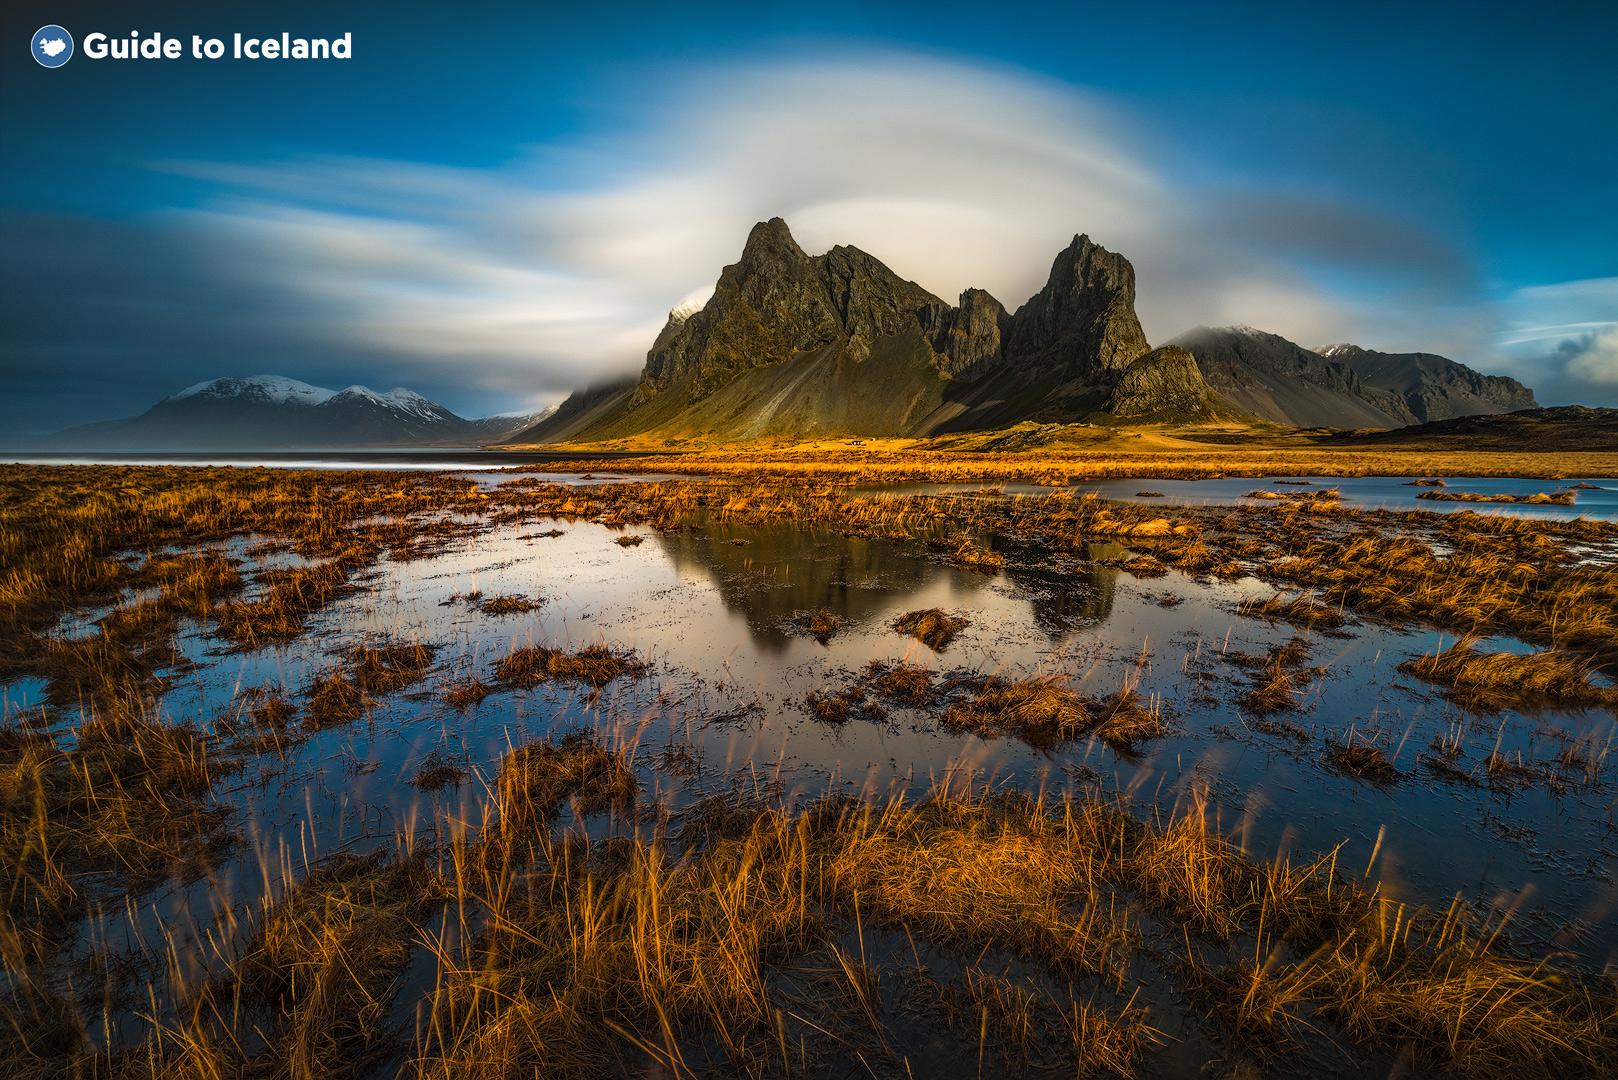 9 dni, samodzielna podróż | Dookoła Islandii zgodnie z ruchem wskazówek zegara - day 5